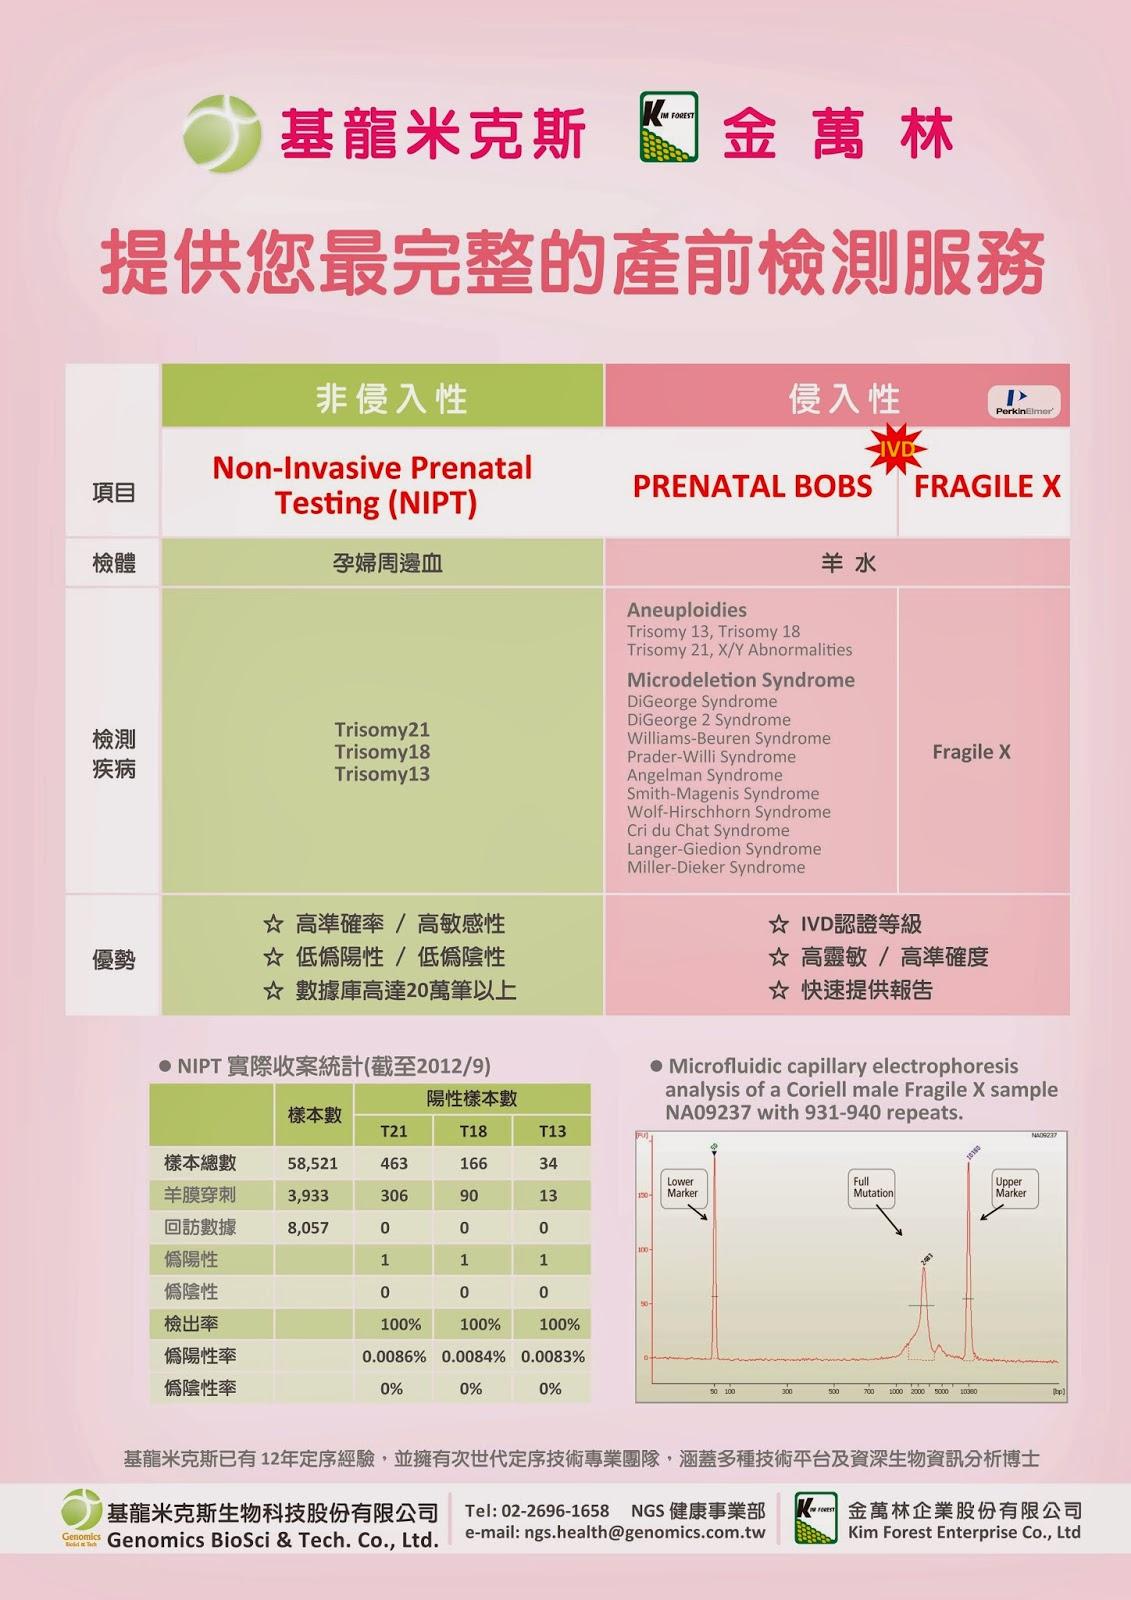 基龍米克斯-非侵入性產前檢測